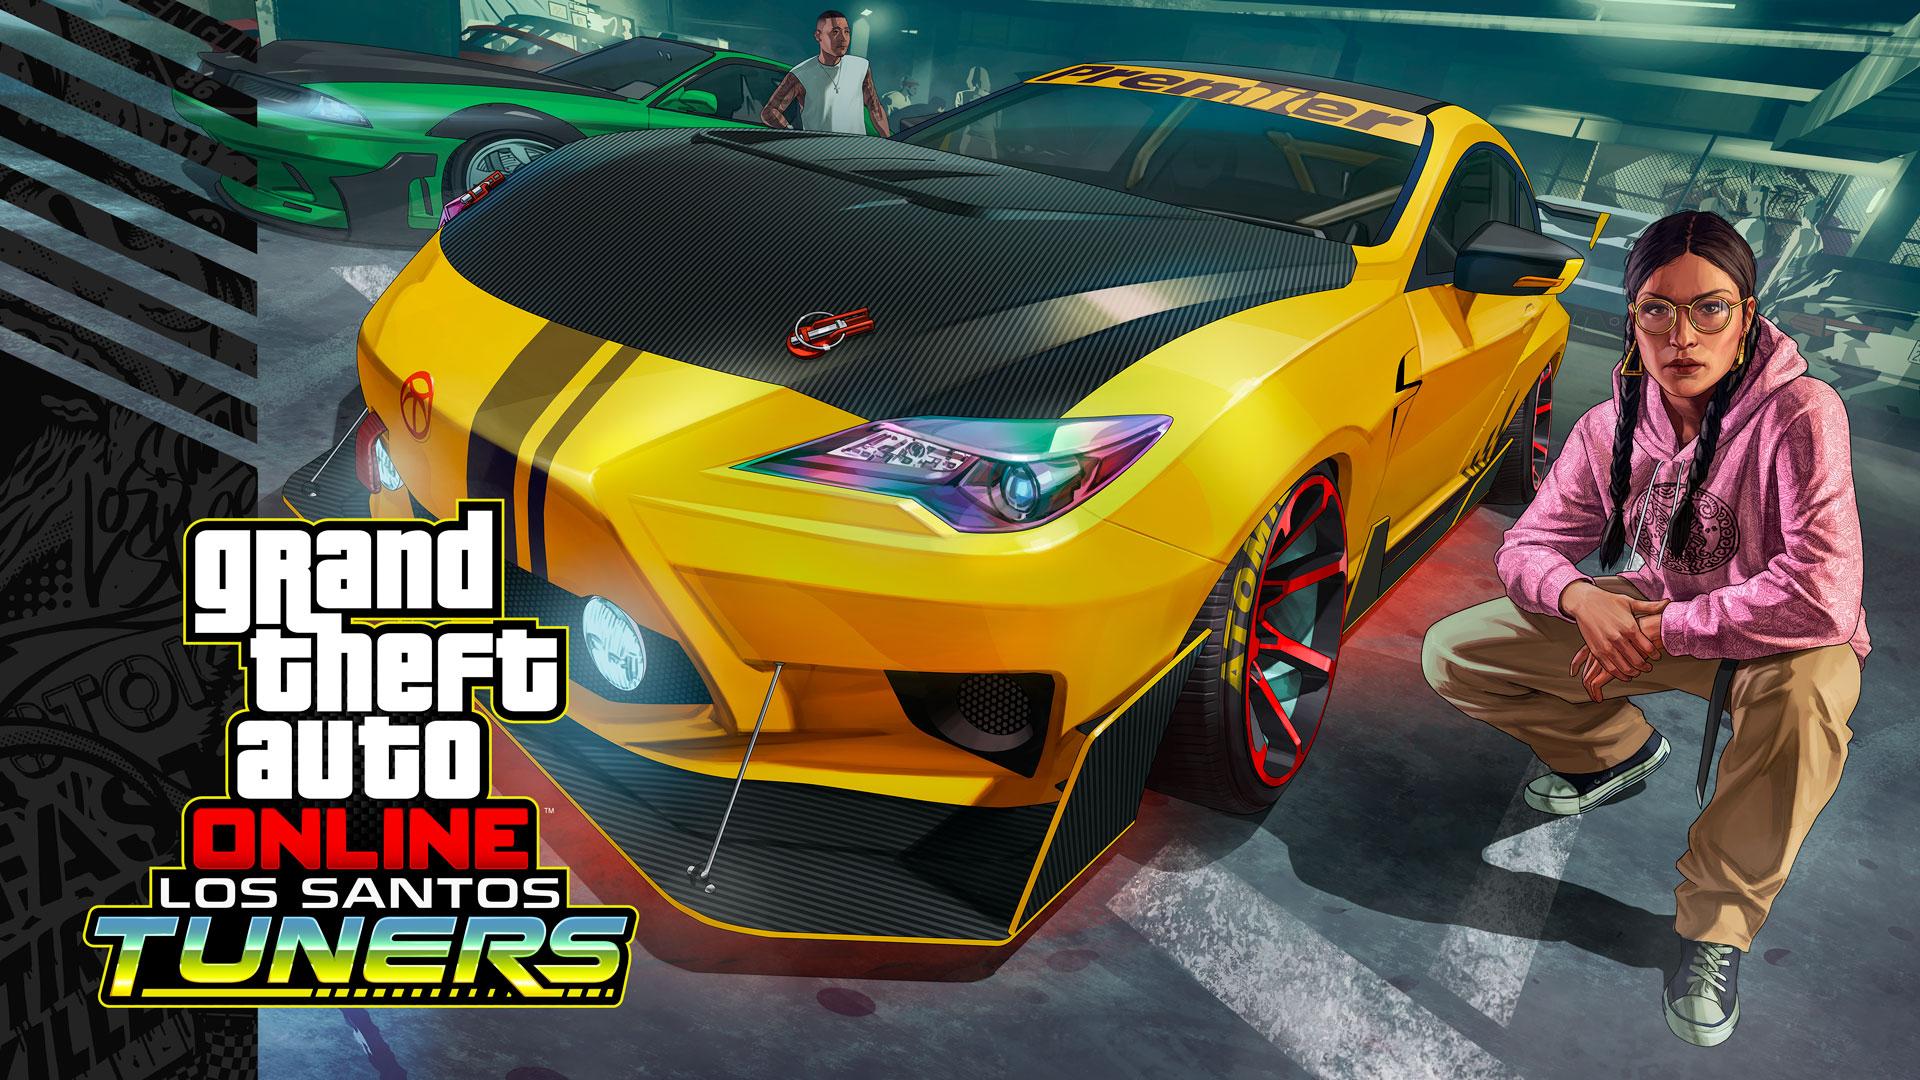 A Rockstar Games acabou de divulgar o trailer da nova DLC de GTA Online (Grand Theft Auto 5), que será conhecida por Los Santos Tuners.